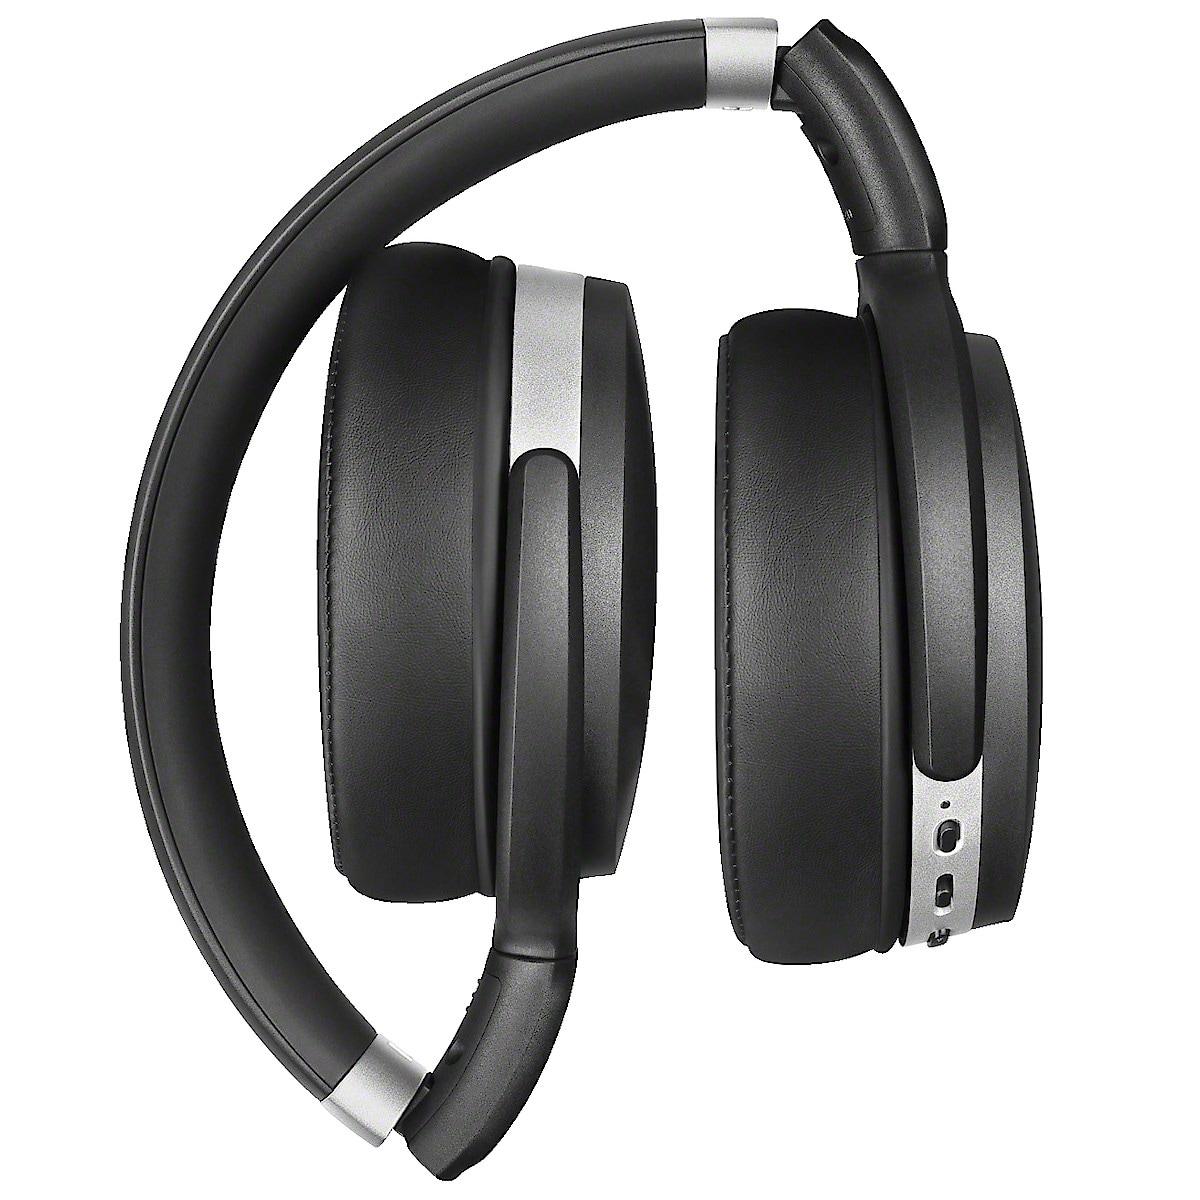 Brusreducerande hörlurar, Sennheiser HD 4.50 BTNC